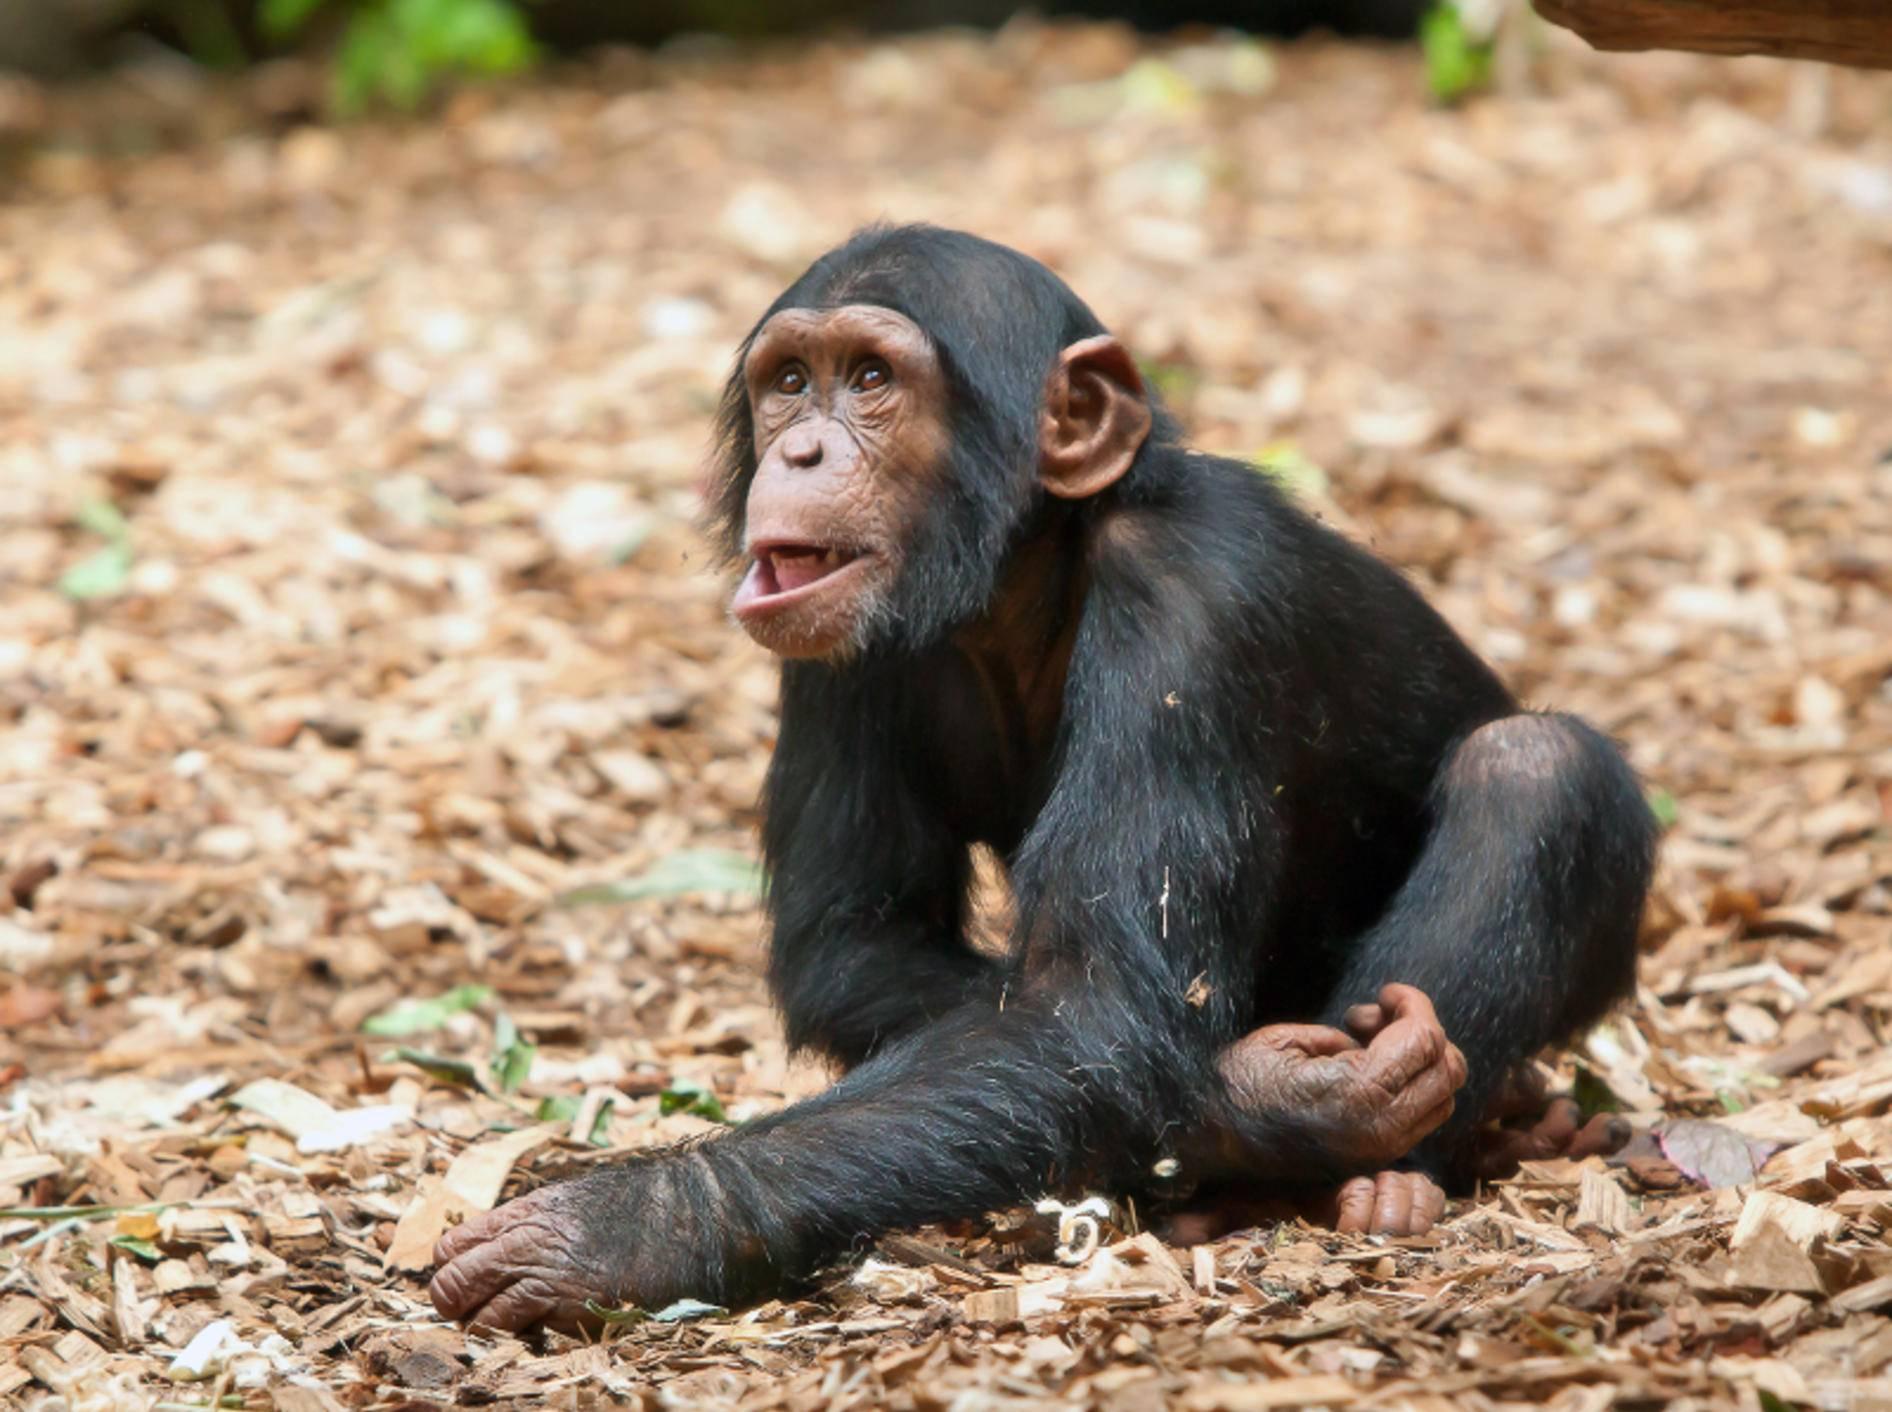 Schimpansen wie dieses süße Kerlchen gehören zur Familie der Menschenaffen – Bild: Shutterstock / nodff